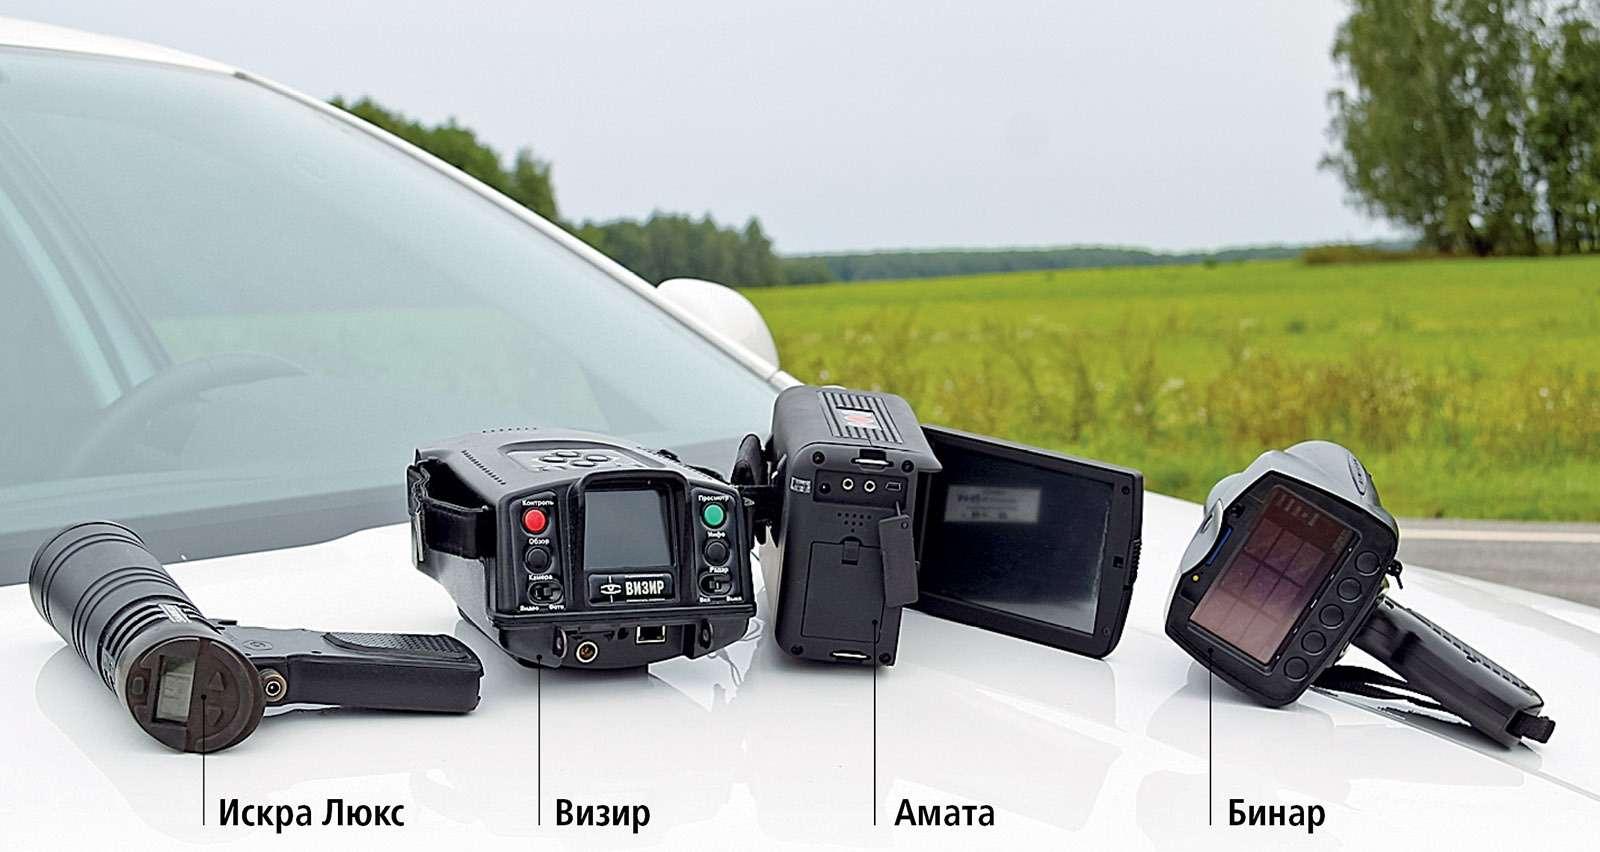 Видеорегистраторы срадар-детектором—  тест 7моделей— фото 653452